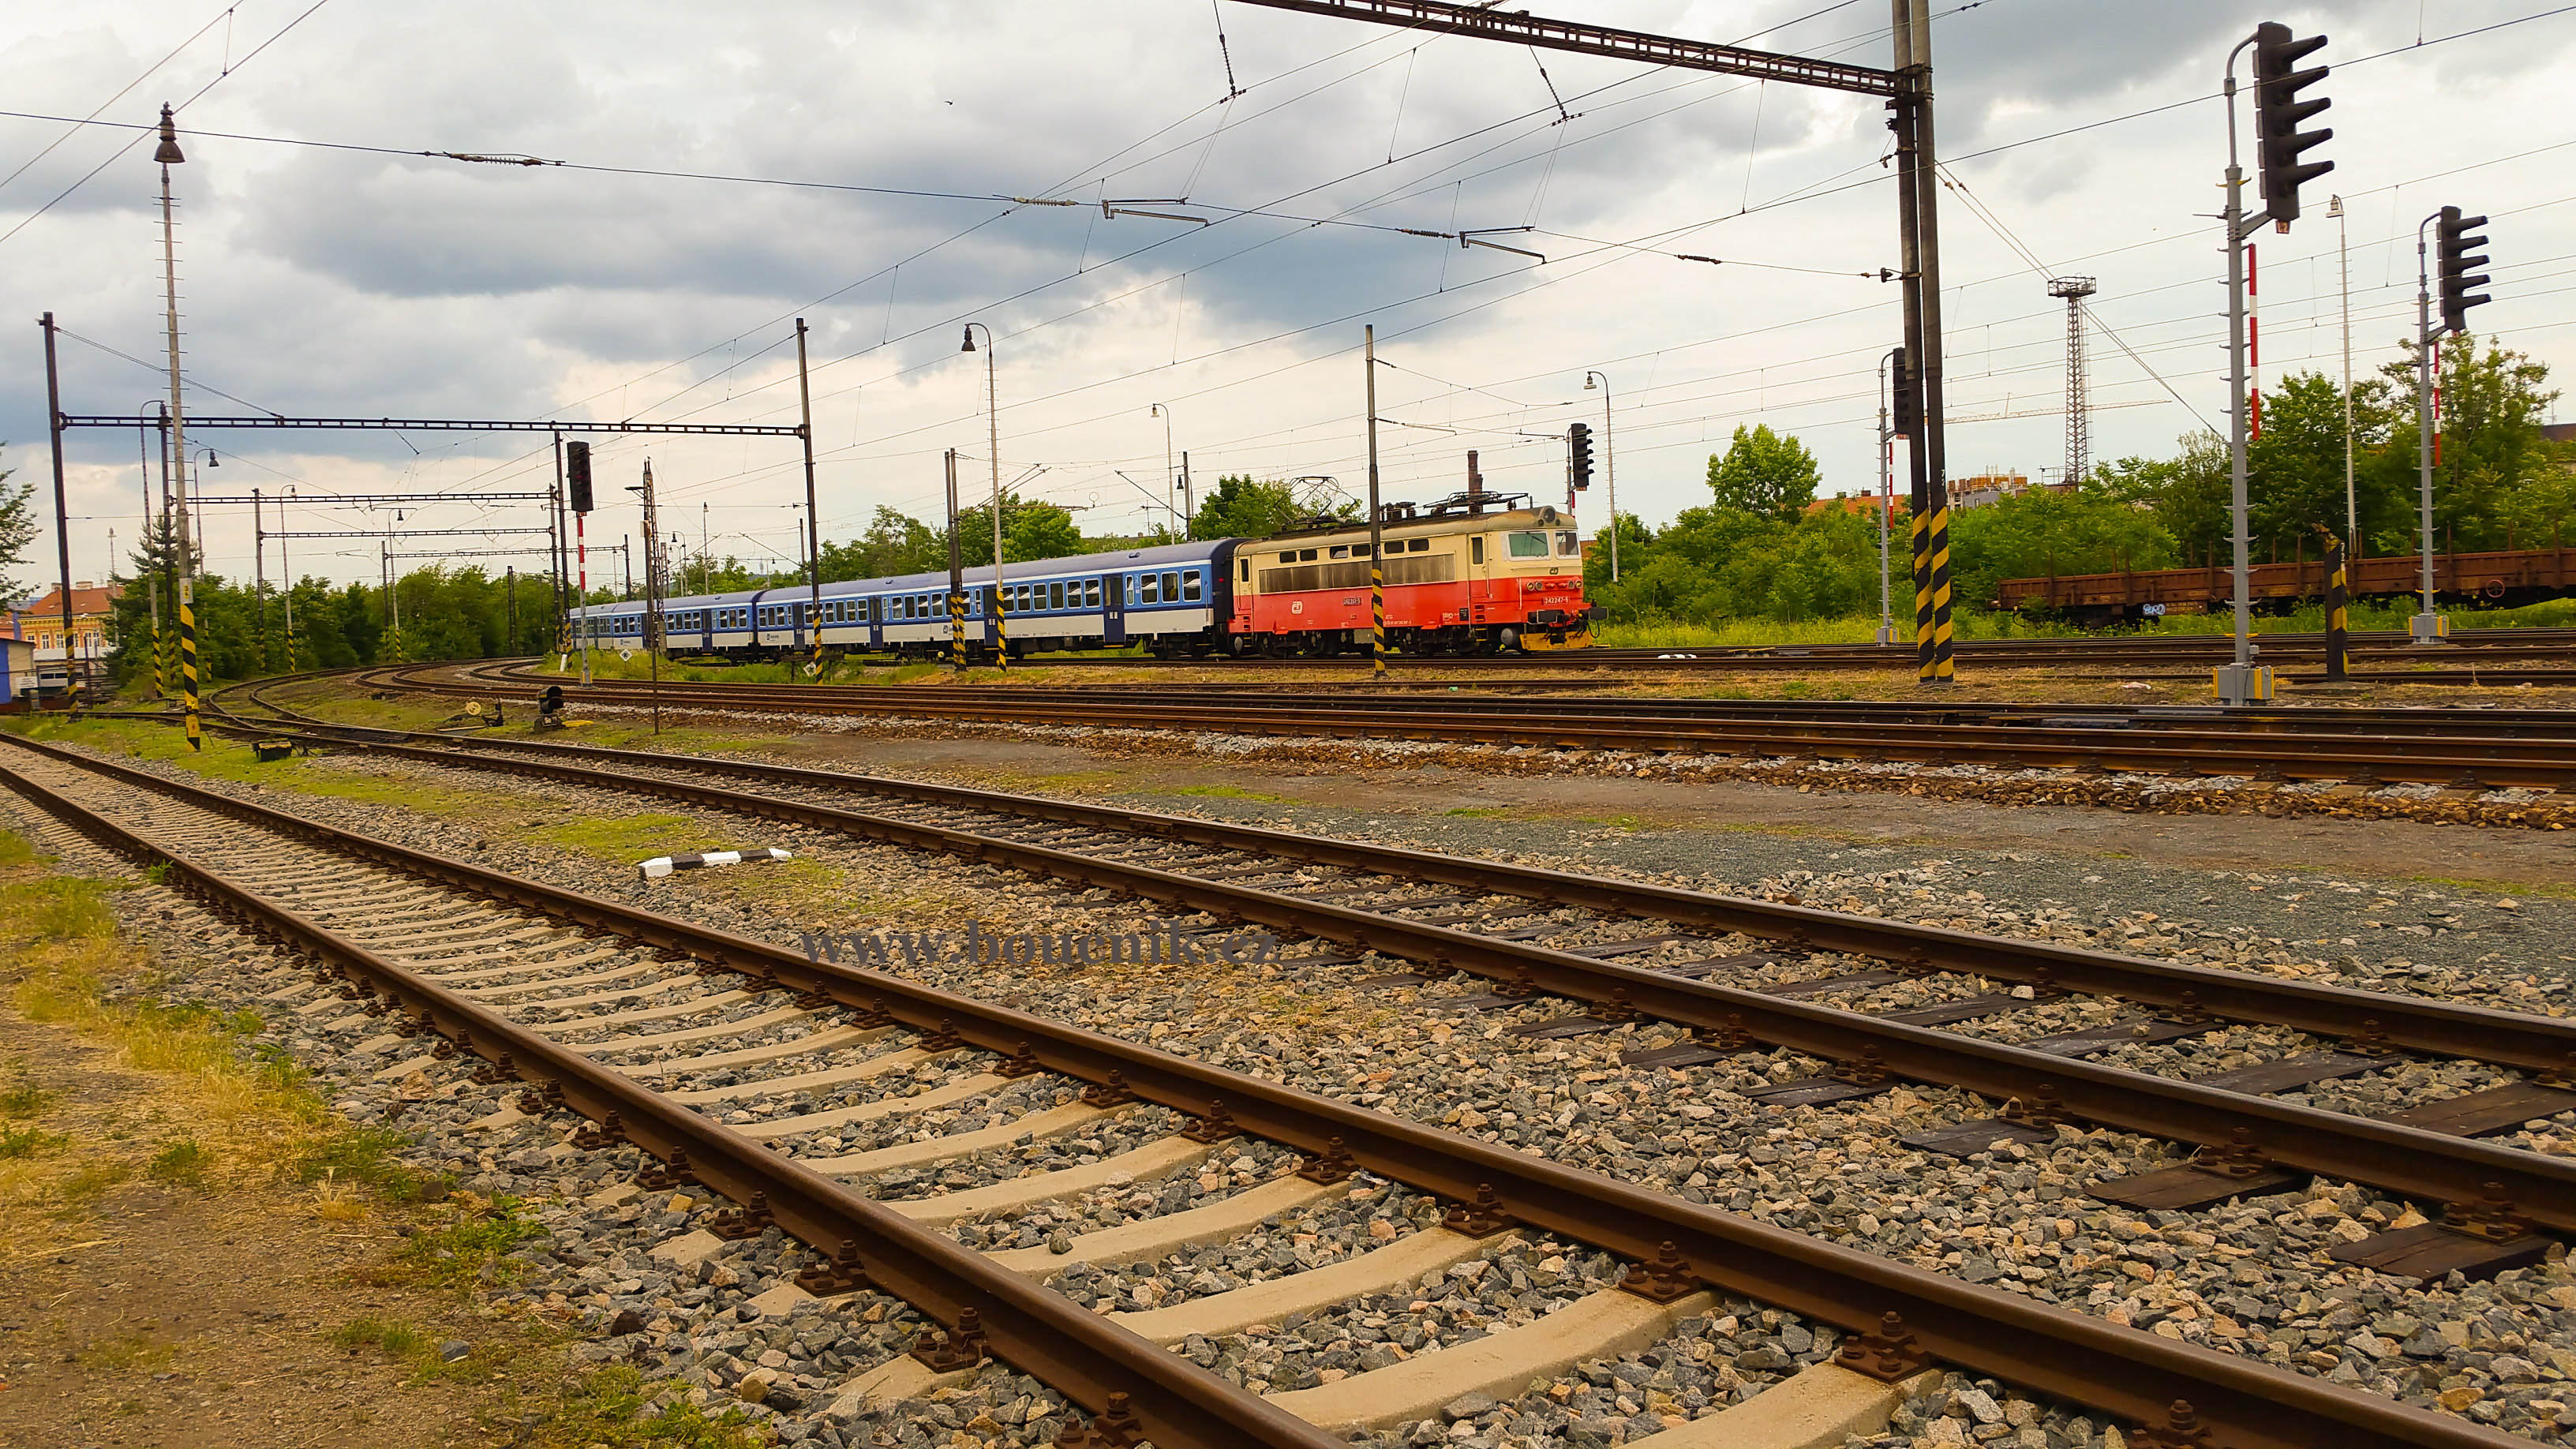 Osobní vlaky od Tišnova Dolním nádražím jen projíždí na Modřice, kde je přestup na osobní vlaky směr Břeclav.